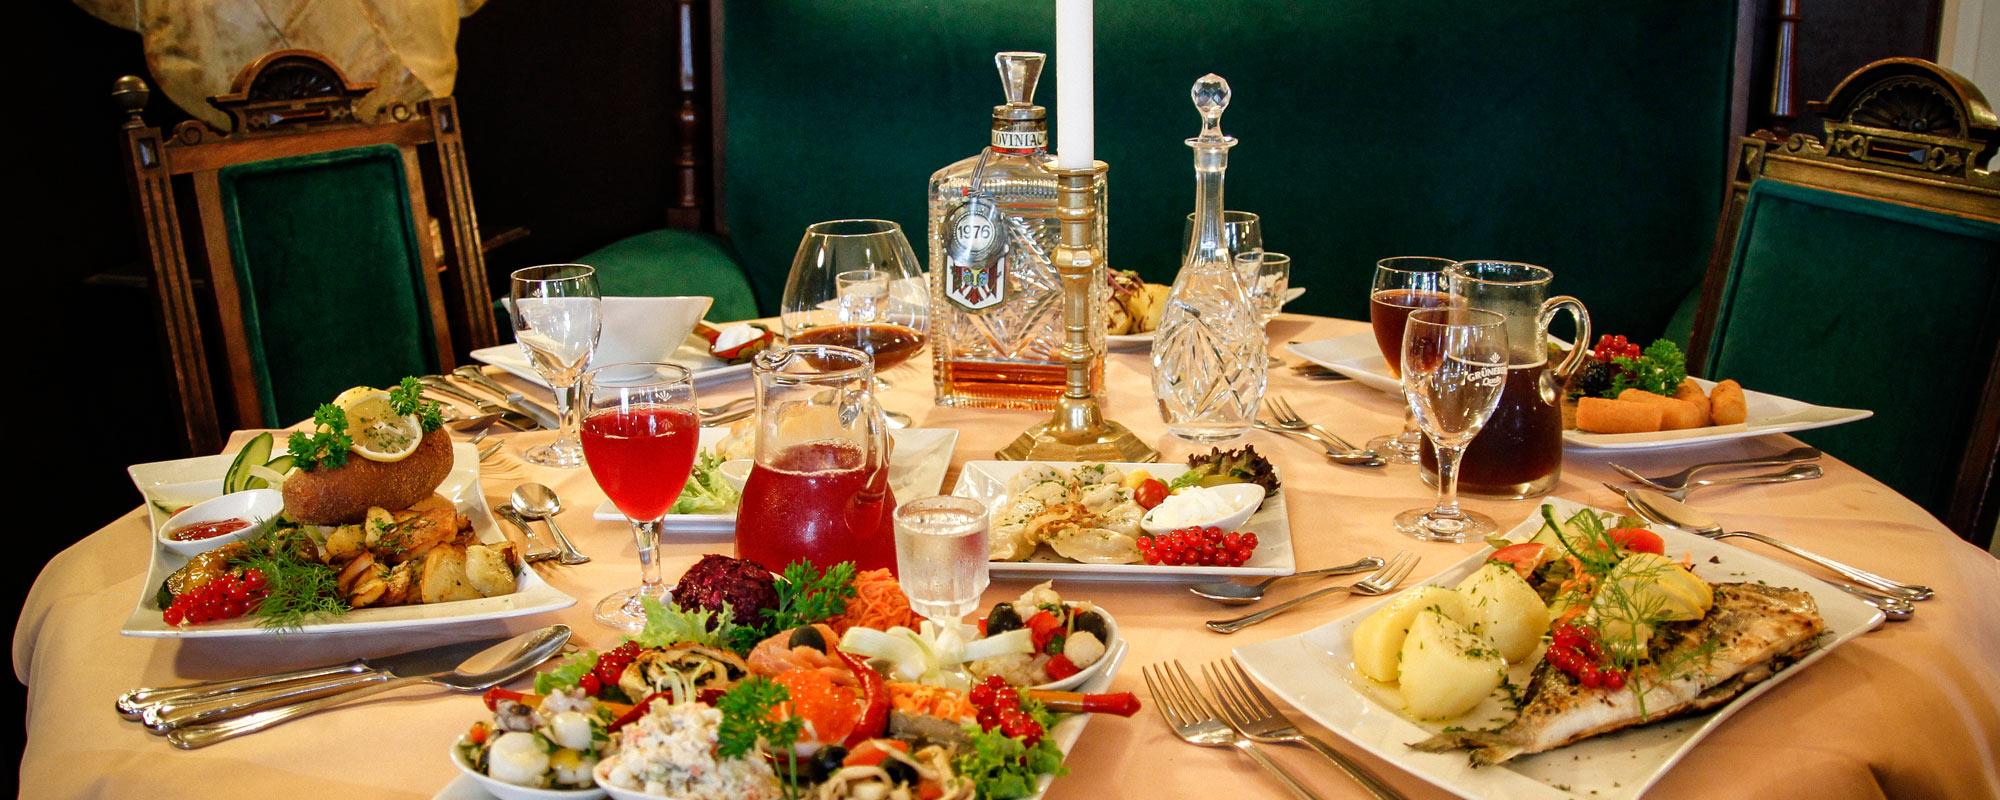 samowar-russisch-speisen